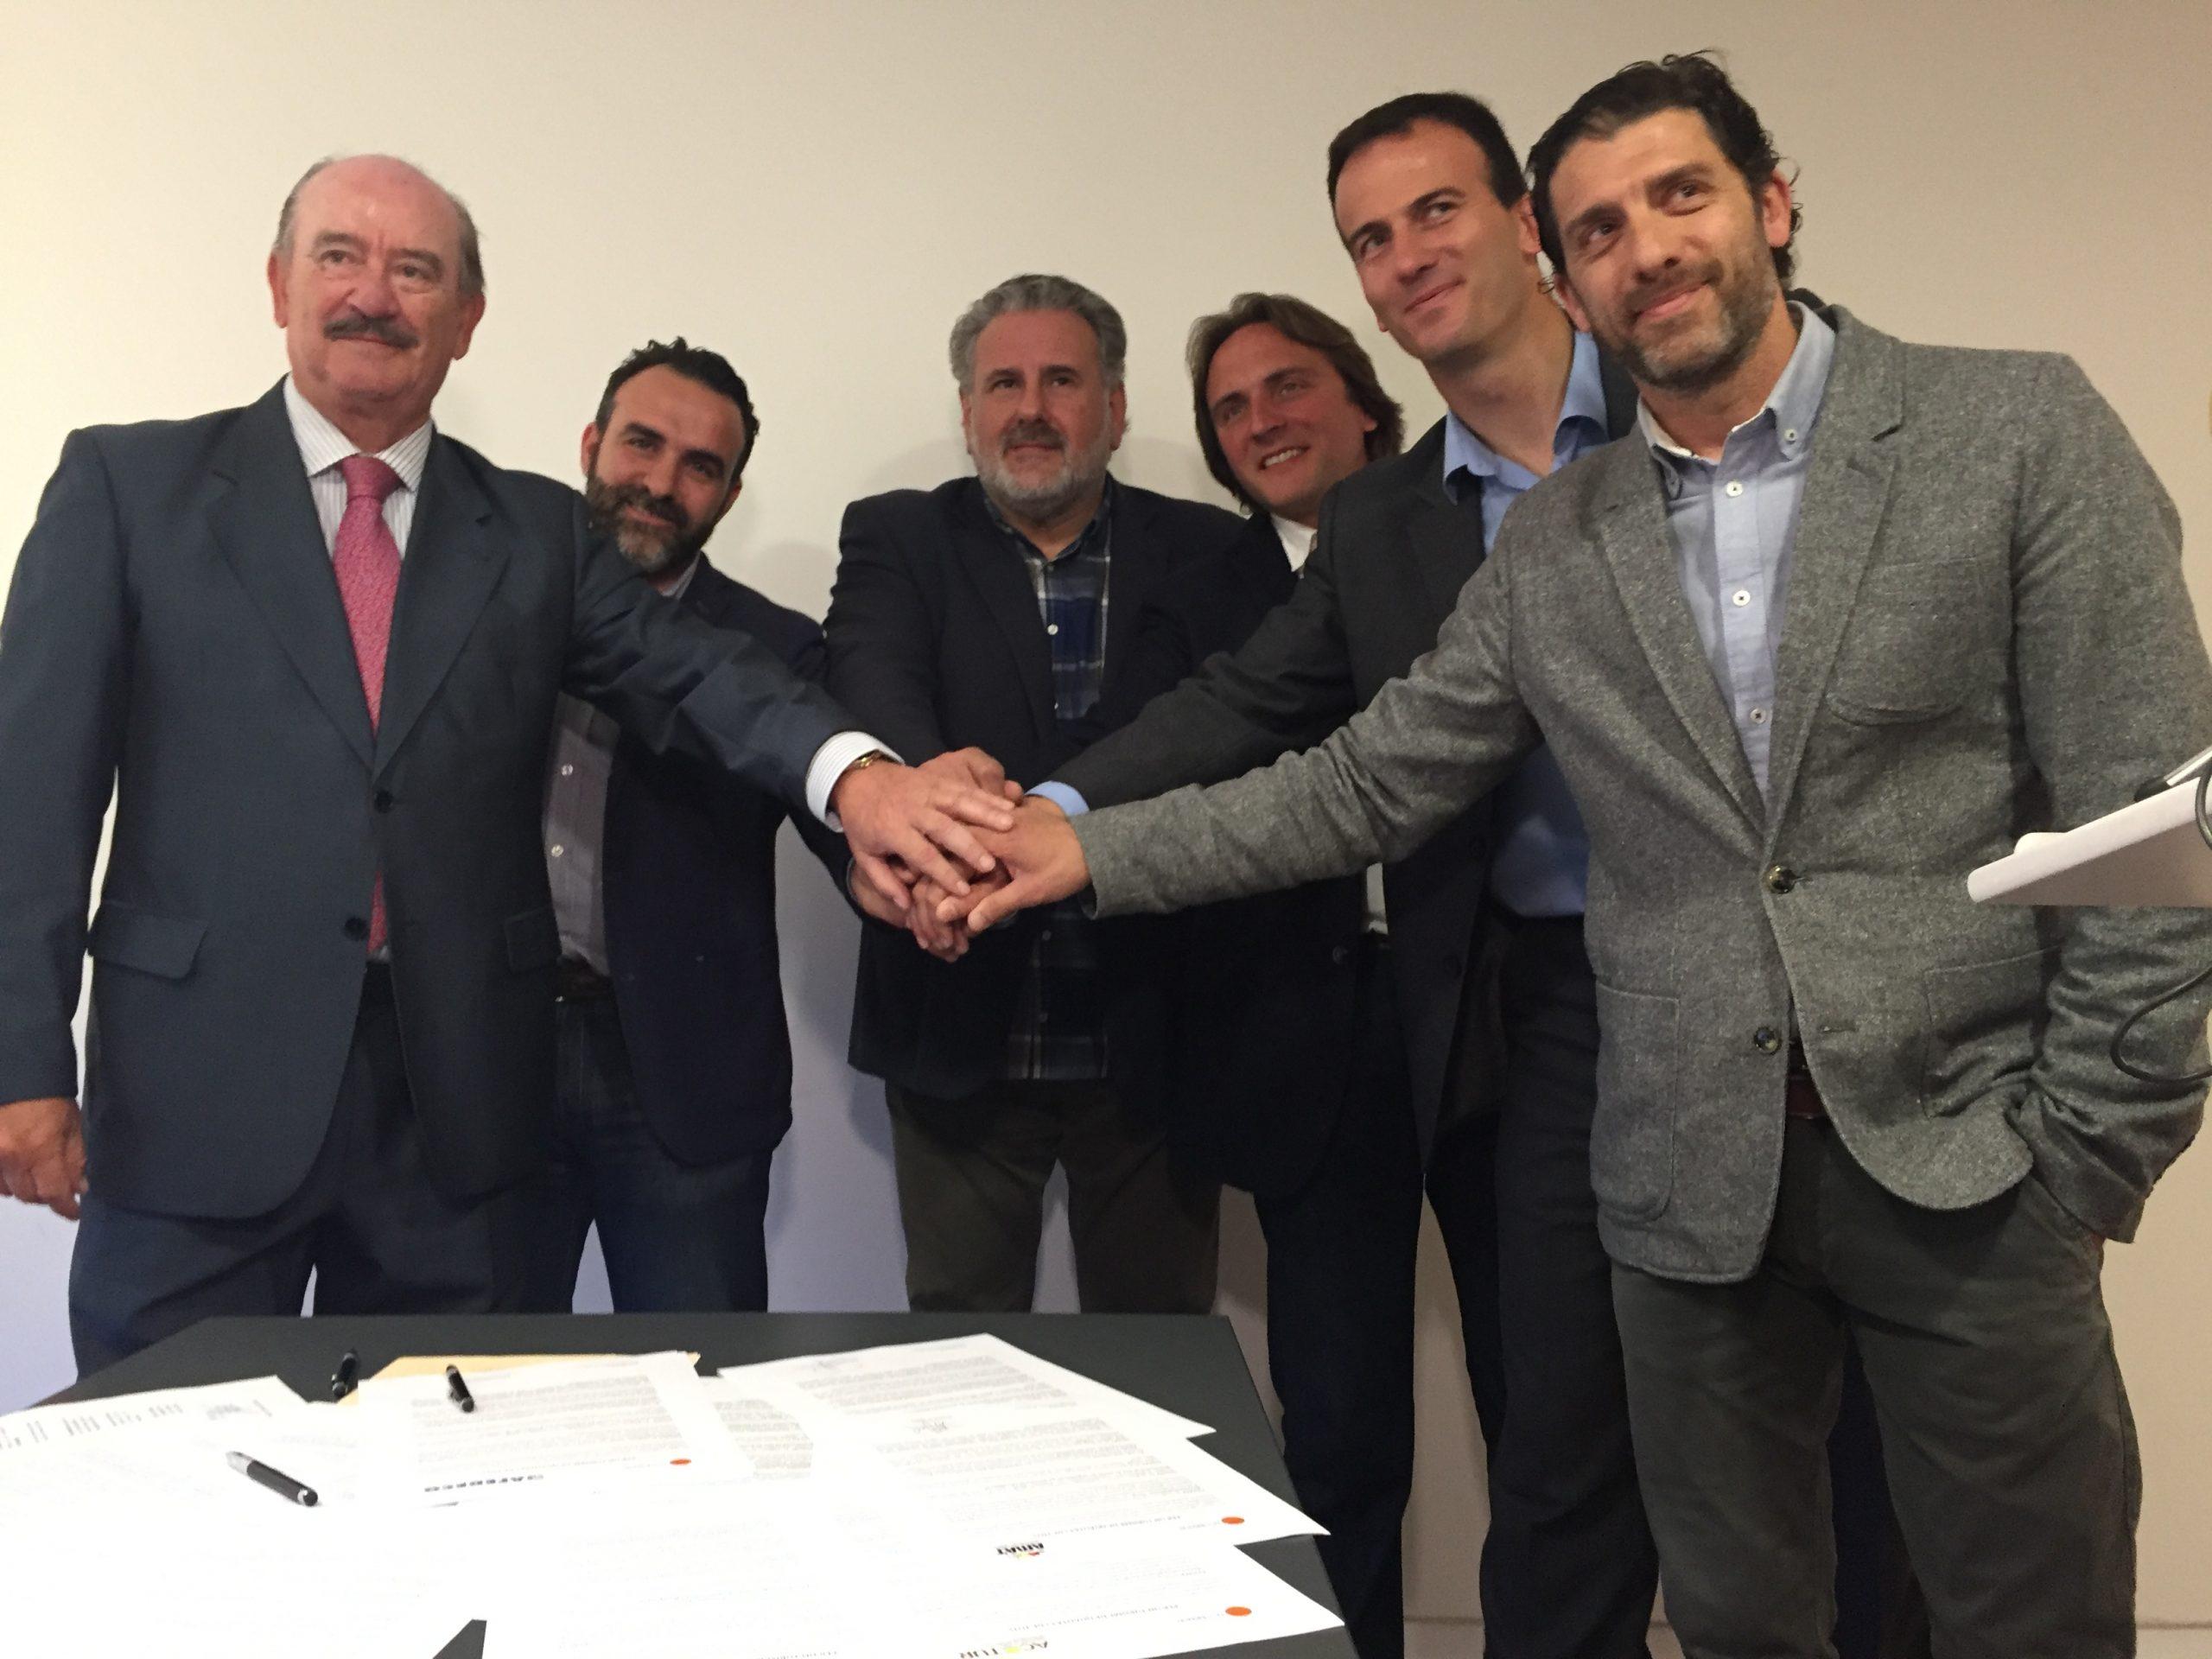 """Catorze entintats s'adhereixen al manifest """"Per un turisme de qualitat i de tots"""" d'APTUR-Balears, en defensa del lloguer vacacional"""